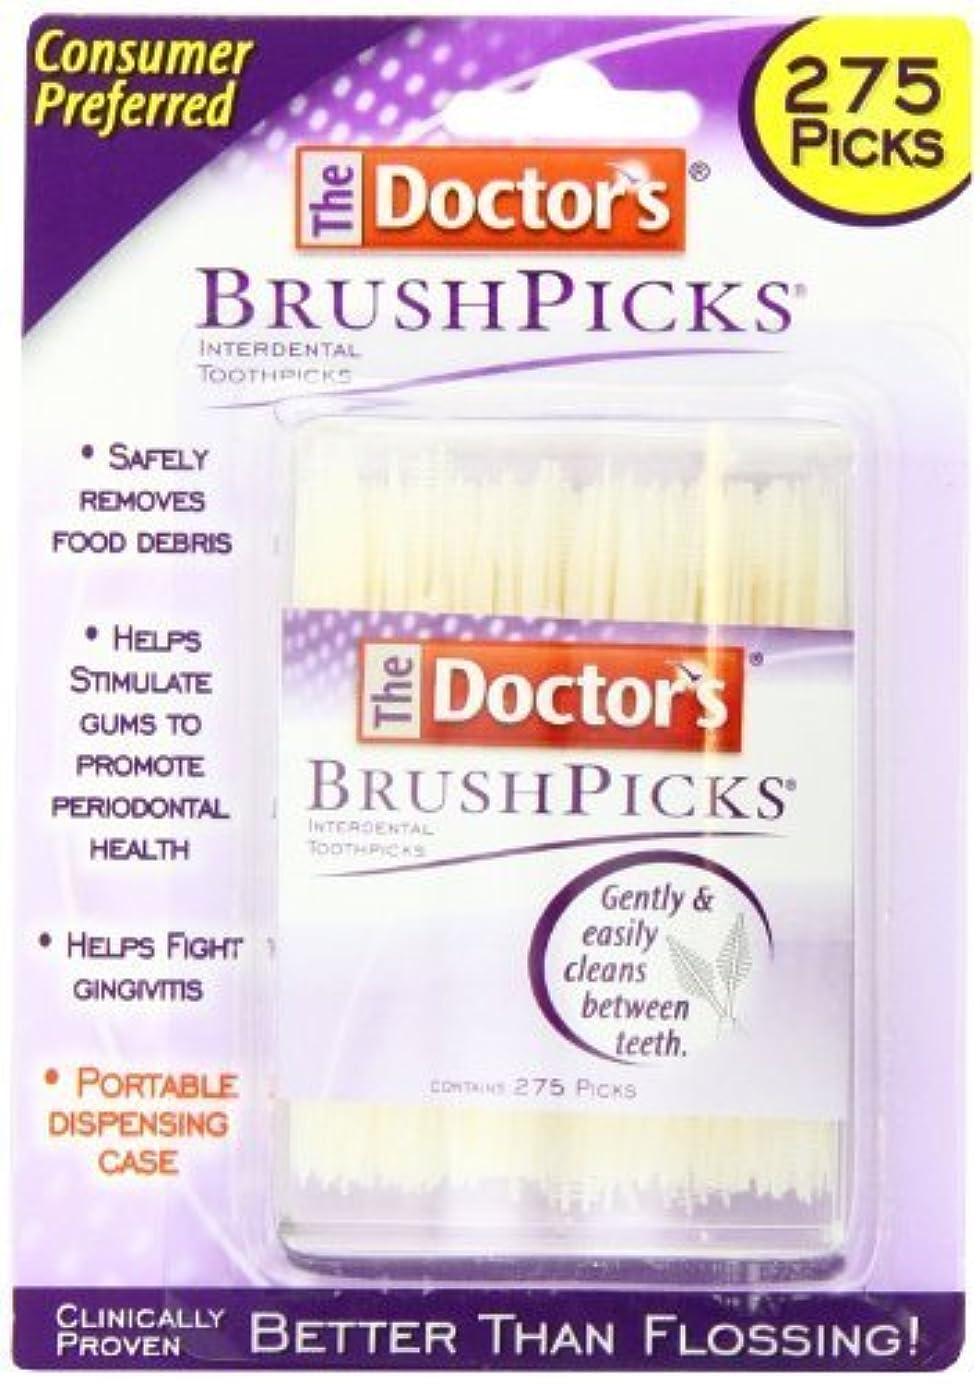 無線ふくろうフォームドクターズ ブラシピックス 275カウント x 2パック Doctor's Brushpicks, 275 Count (Pack of 2) by The Doctors [並行輸入品]